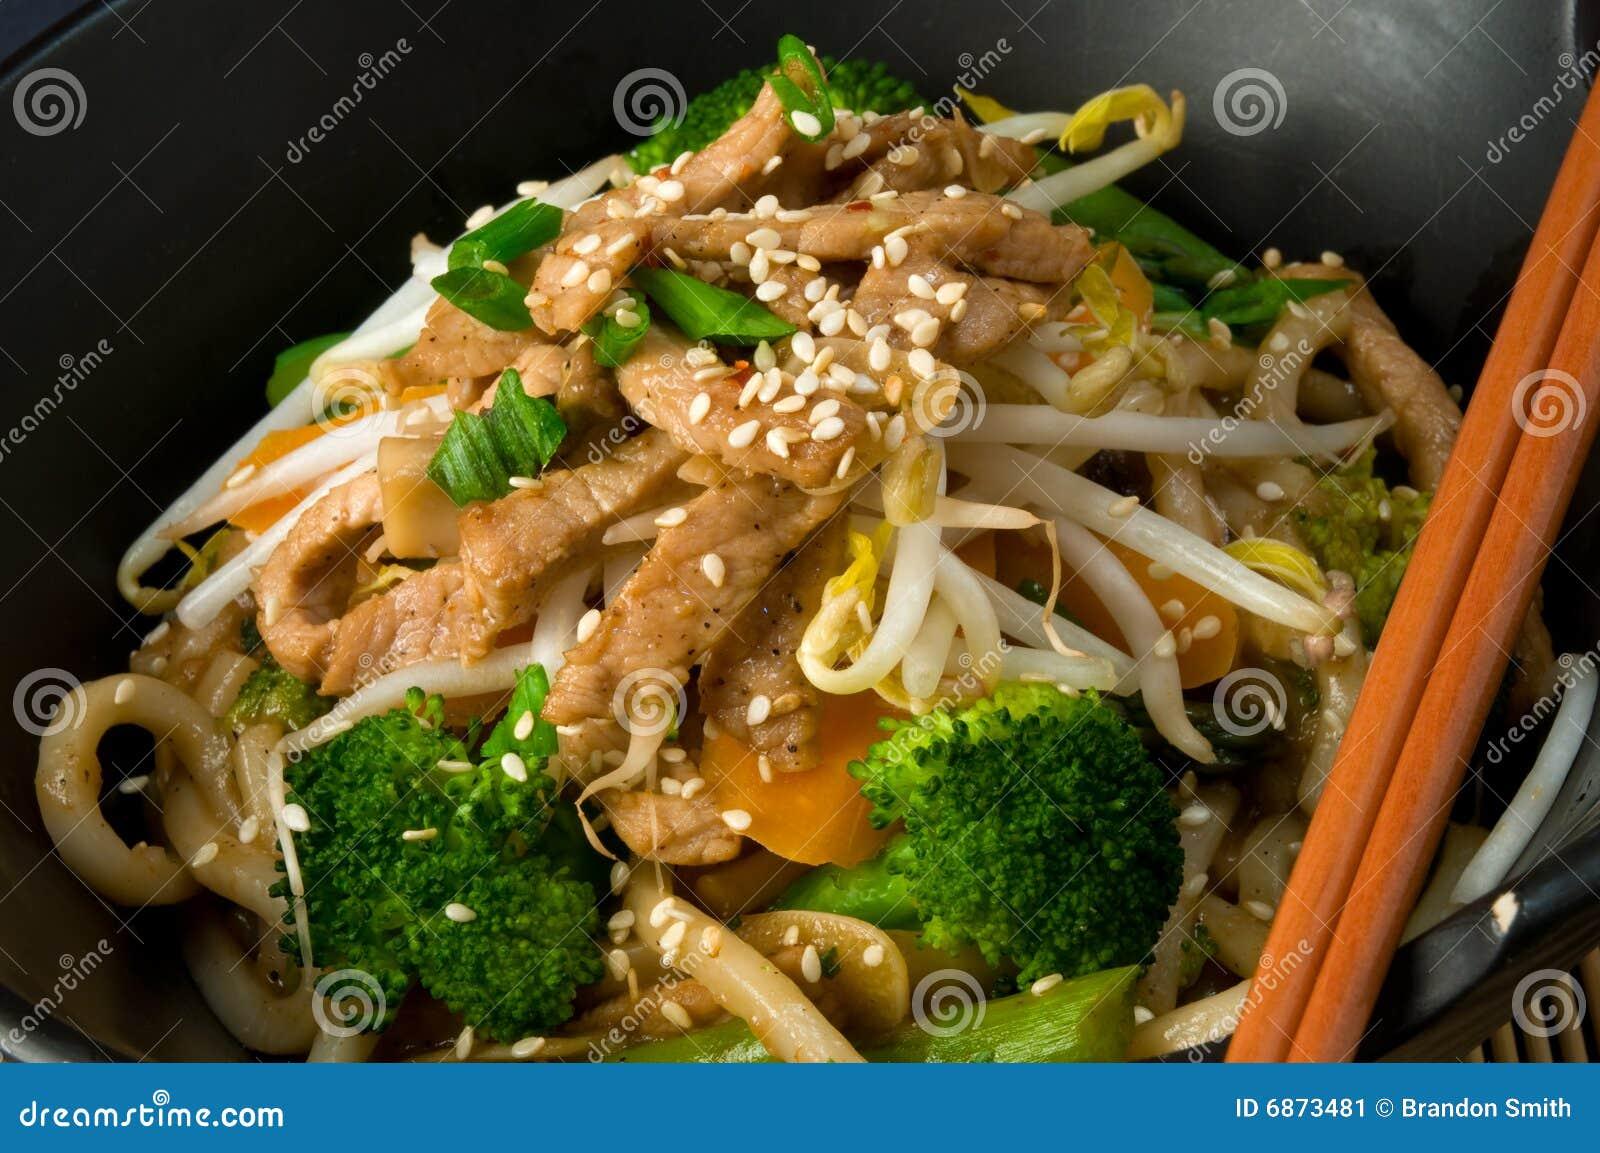 Stir asiatique de friture